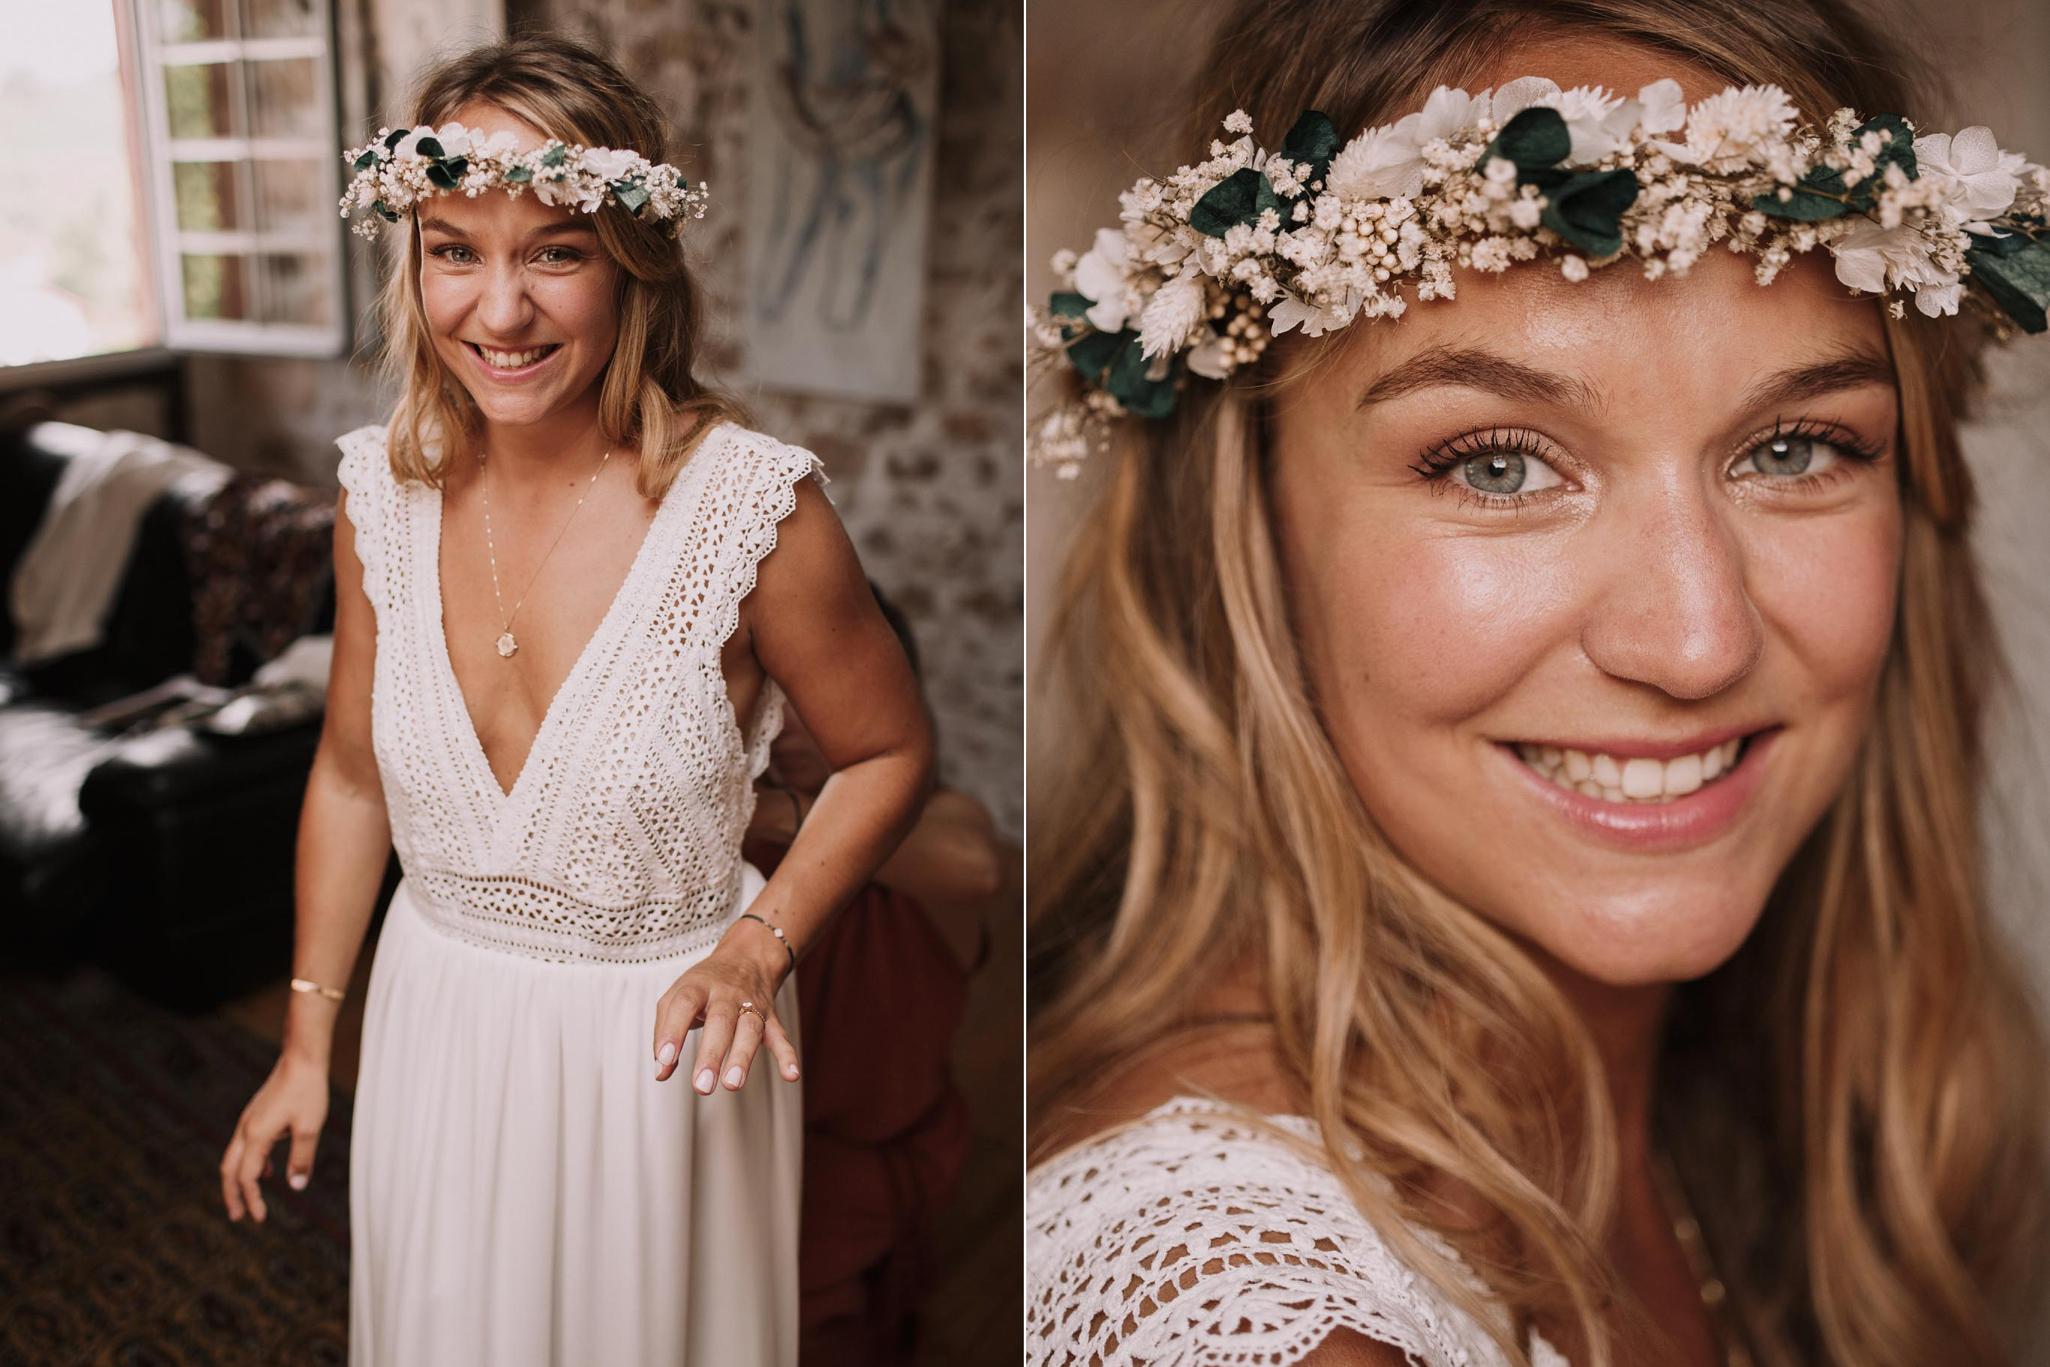 Photographe-mariage-bordeaux-jeremy-boyer-pays-basque-ihartze-artea-sare-robe-eleonore-pauc-couple-amour-42.jpg